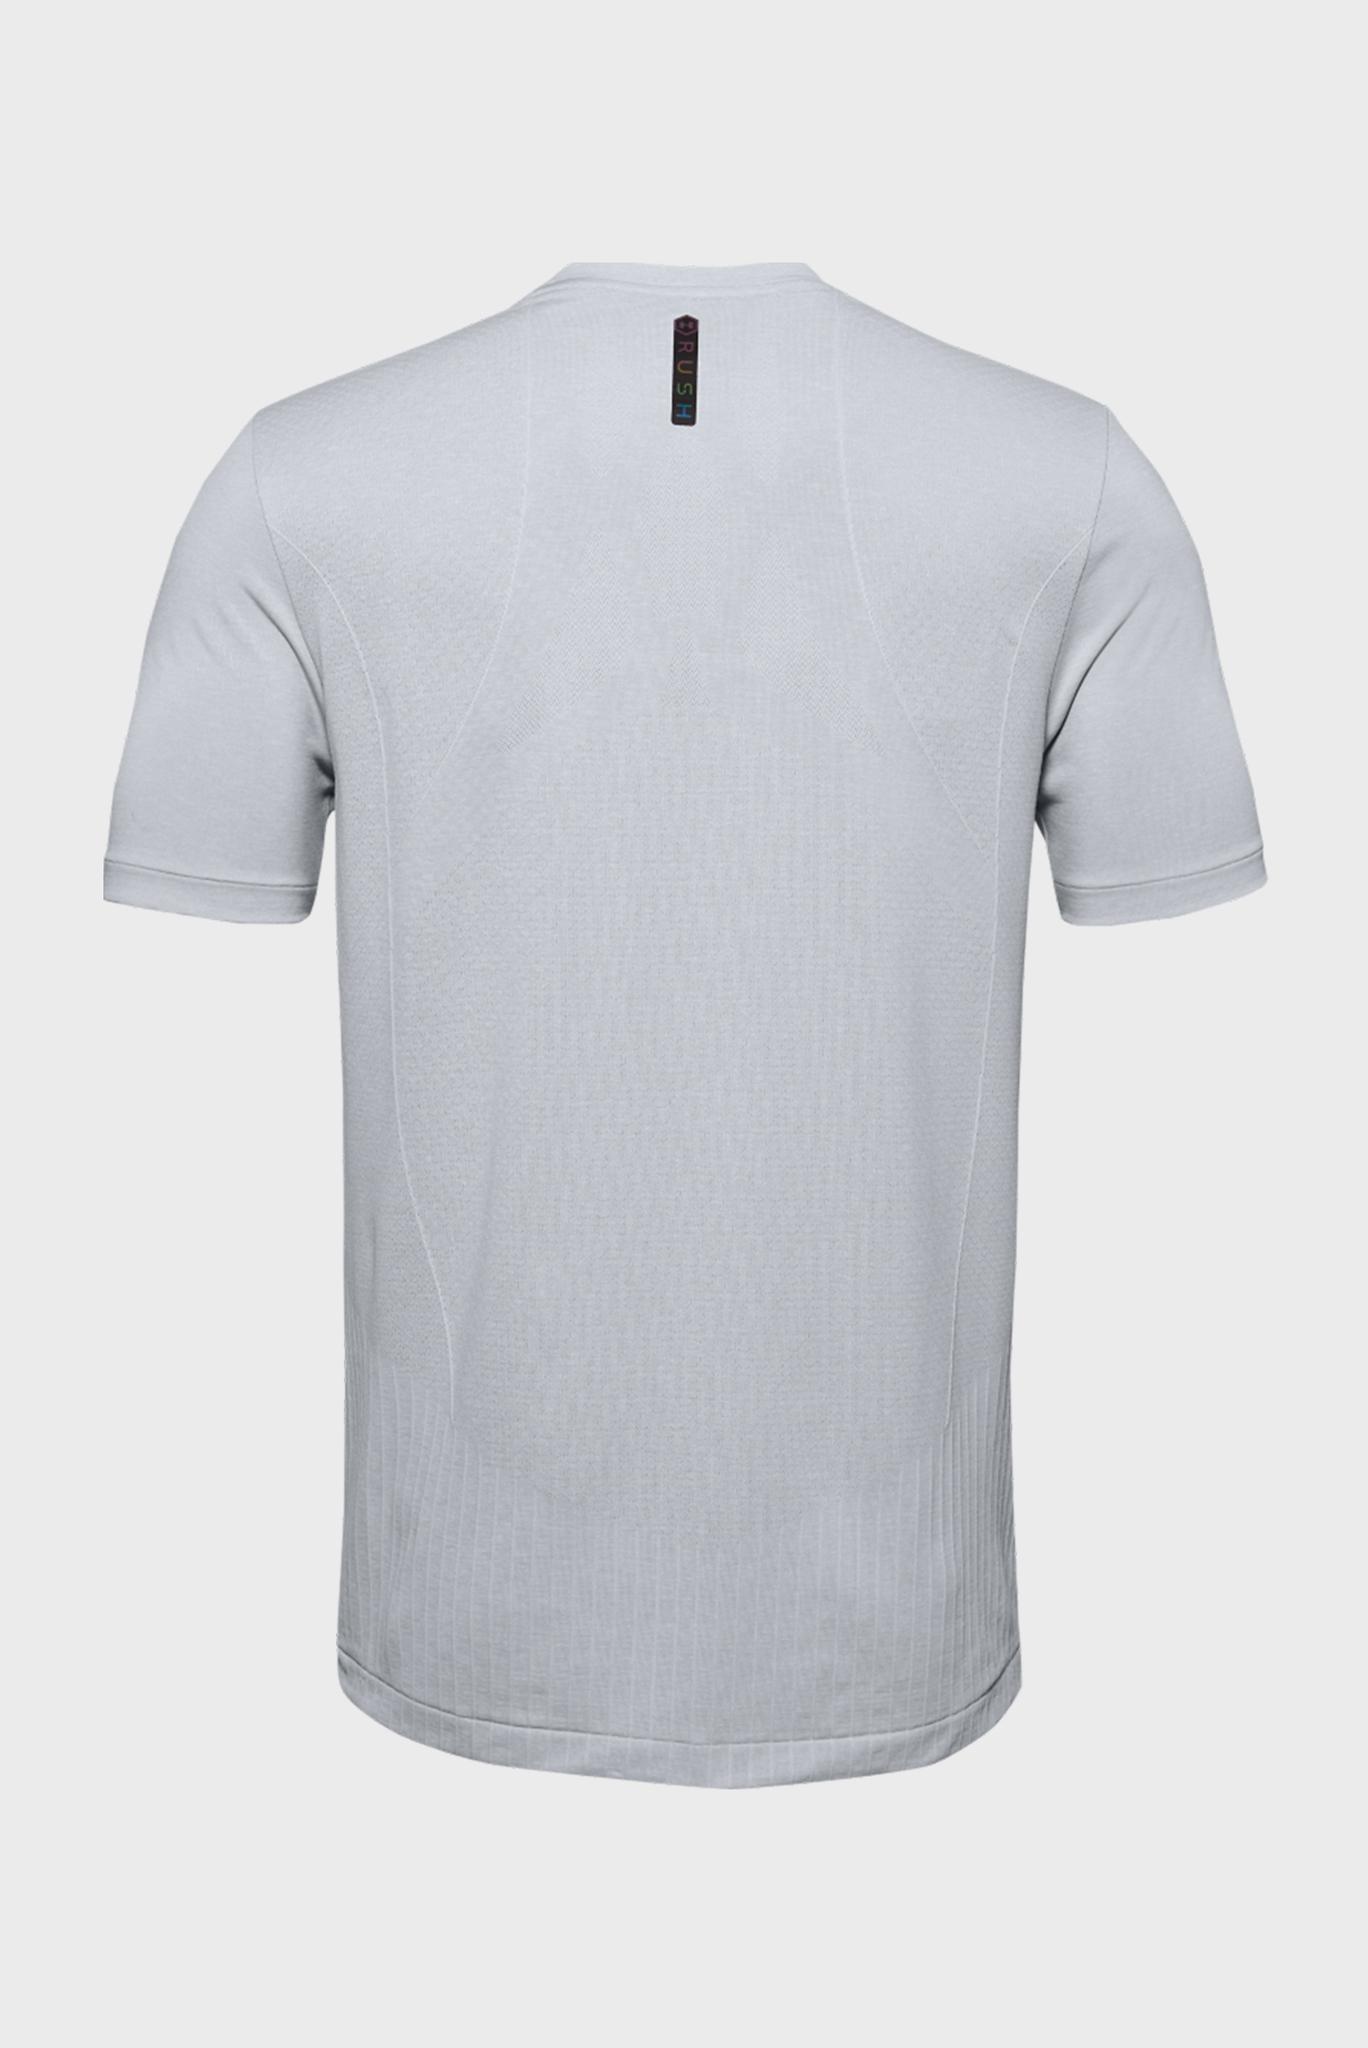 Мужская серая спортивная футболка Rush HG Seamless Fitted SS Under Armour